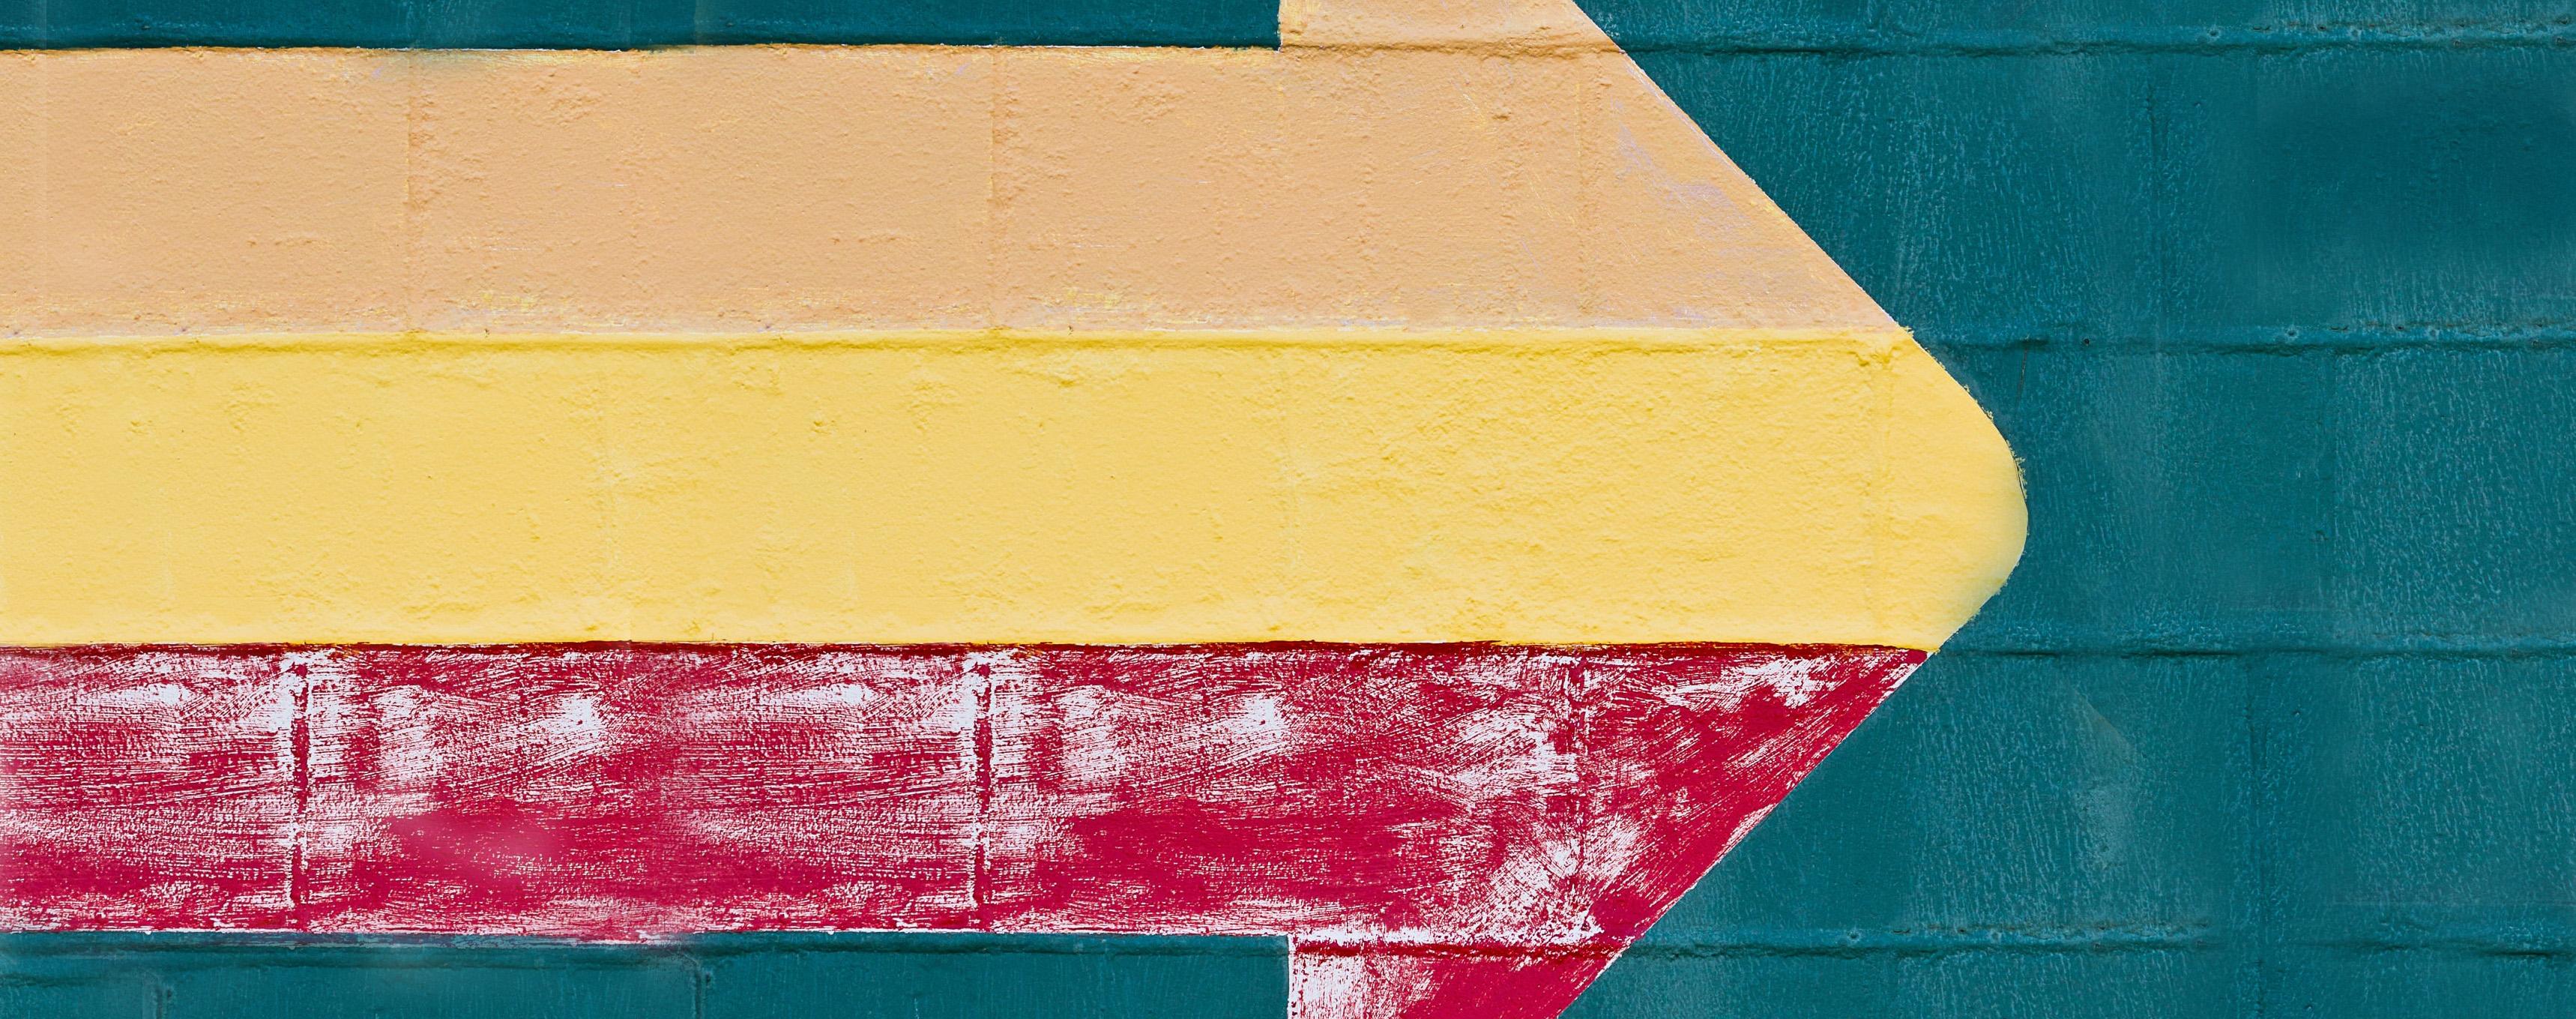 Fotografia di un muro su cui è disegnata una freccia